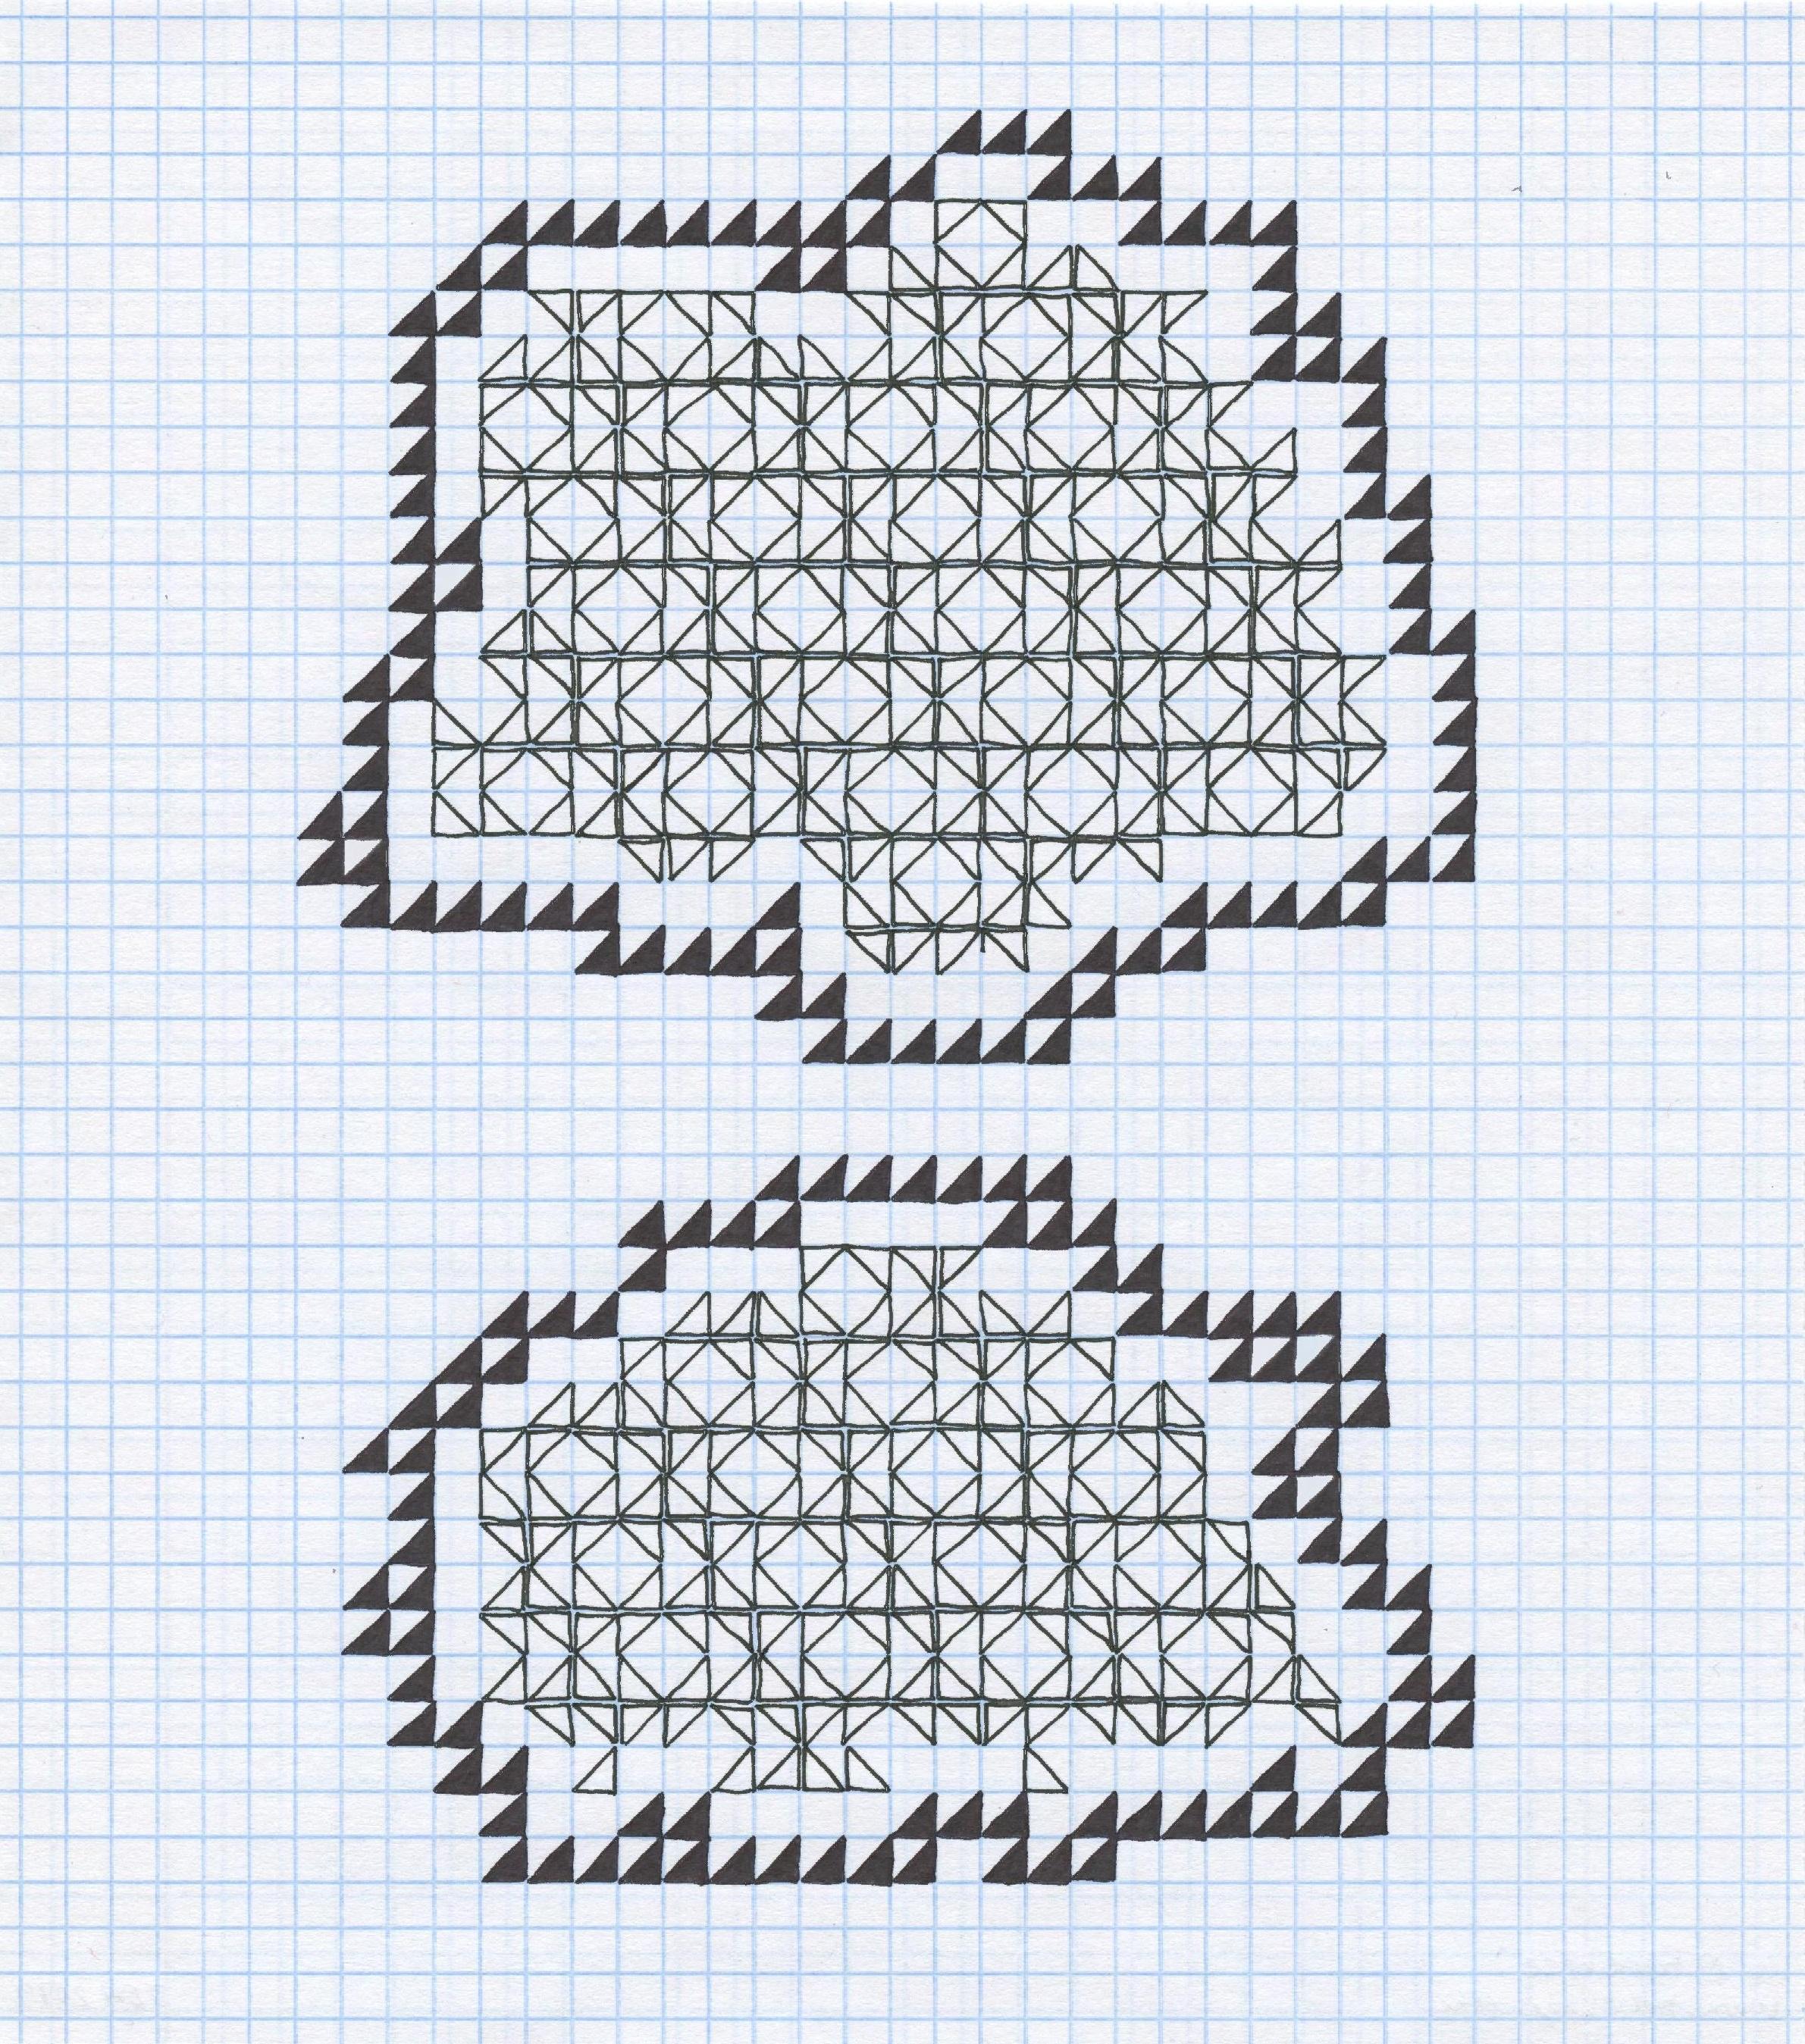 drawings_p6-page-001.jpg